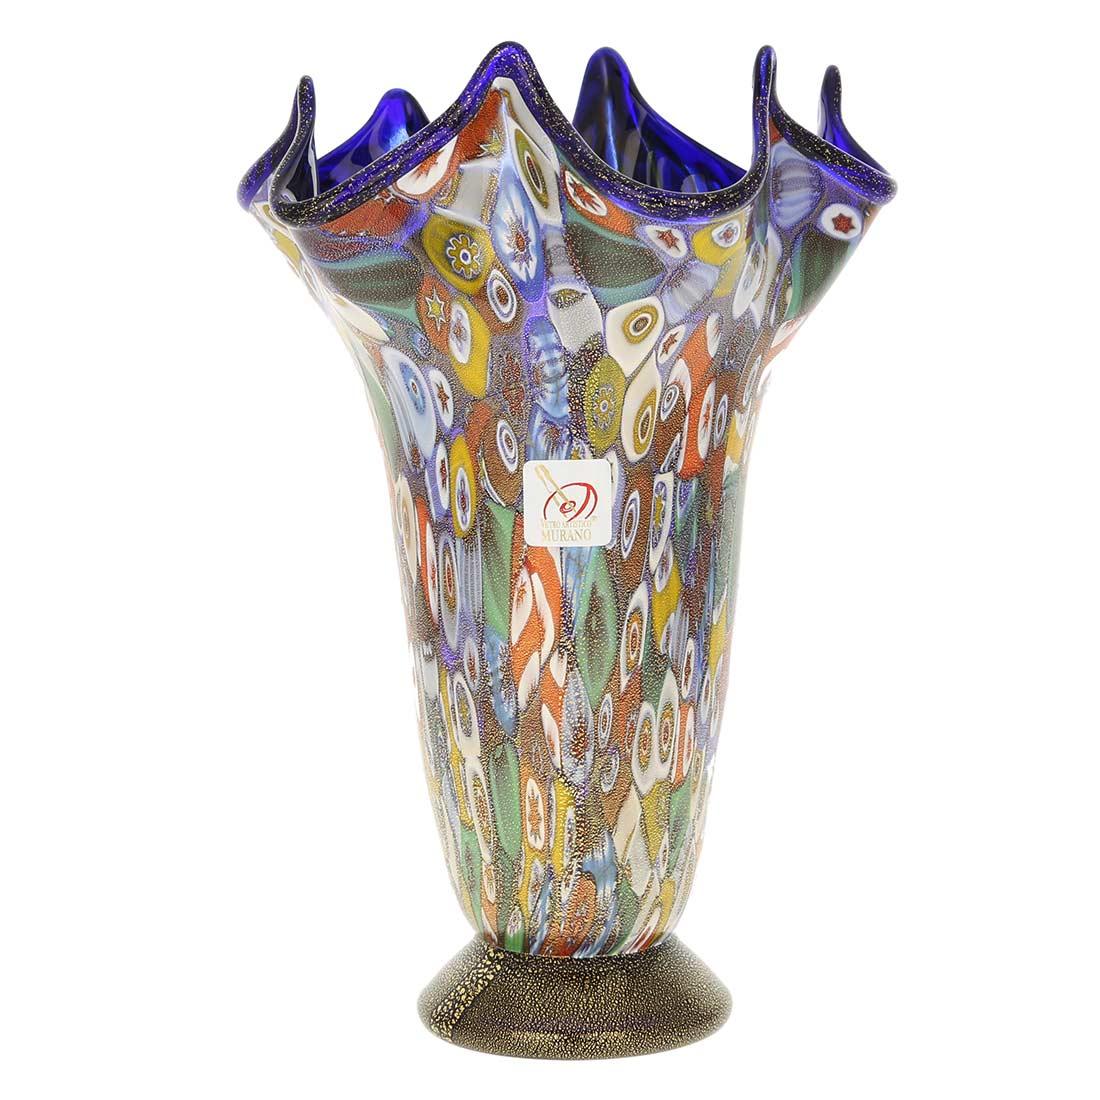 Murano Millefiori Gold Art Glass Fazzoletto Vase - Cobalt Blue